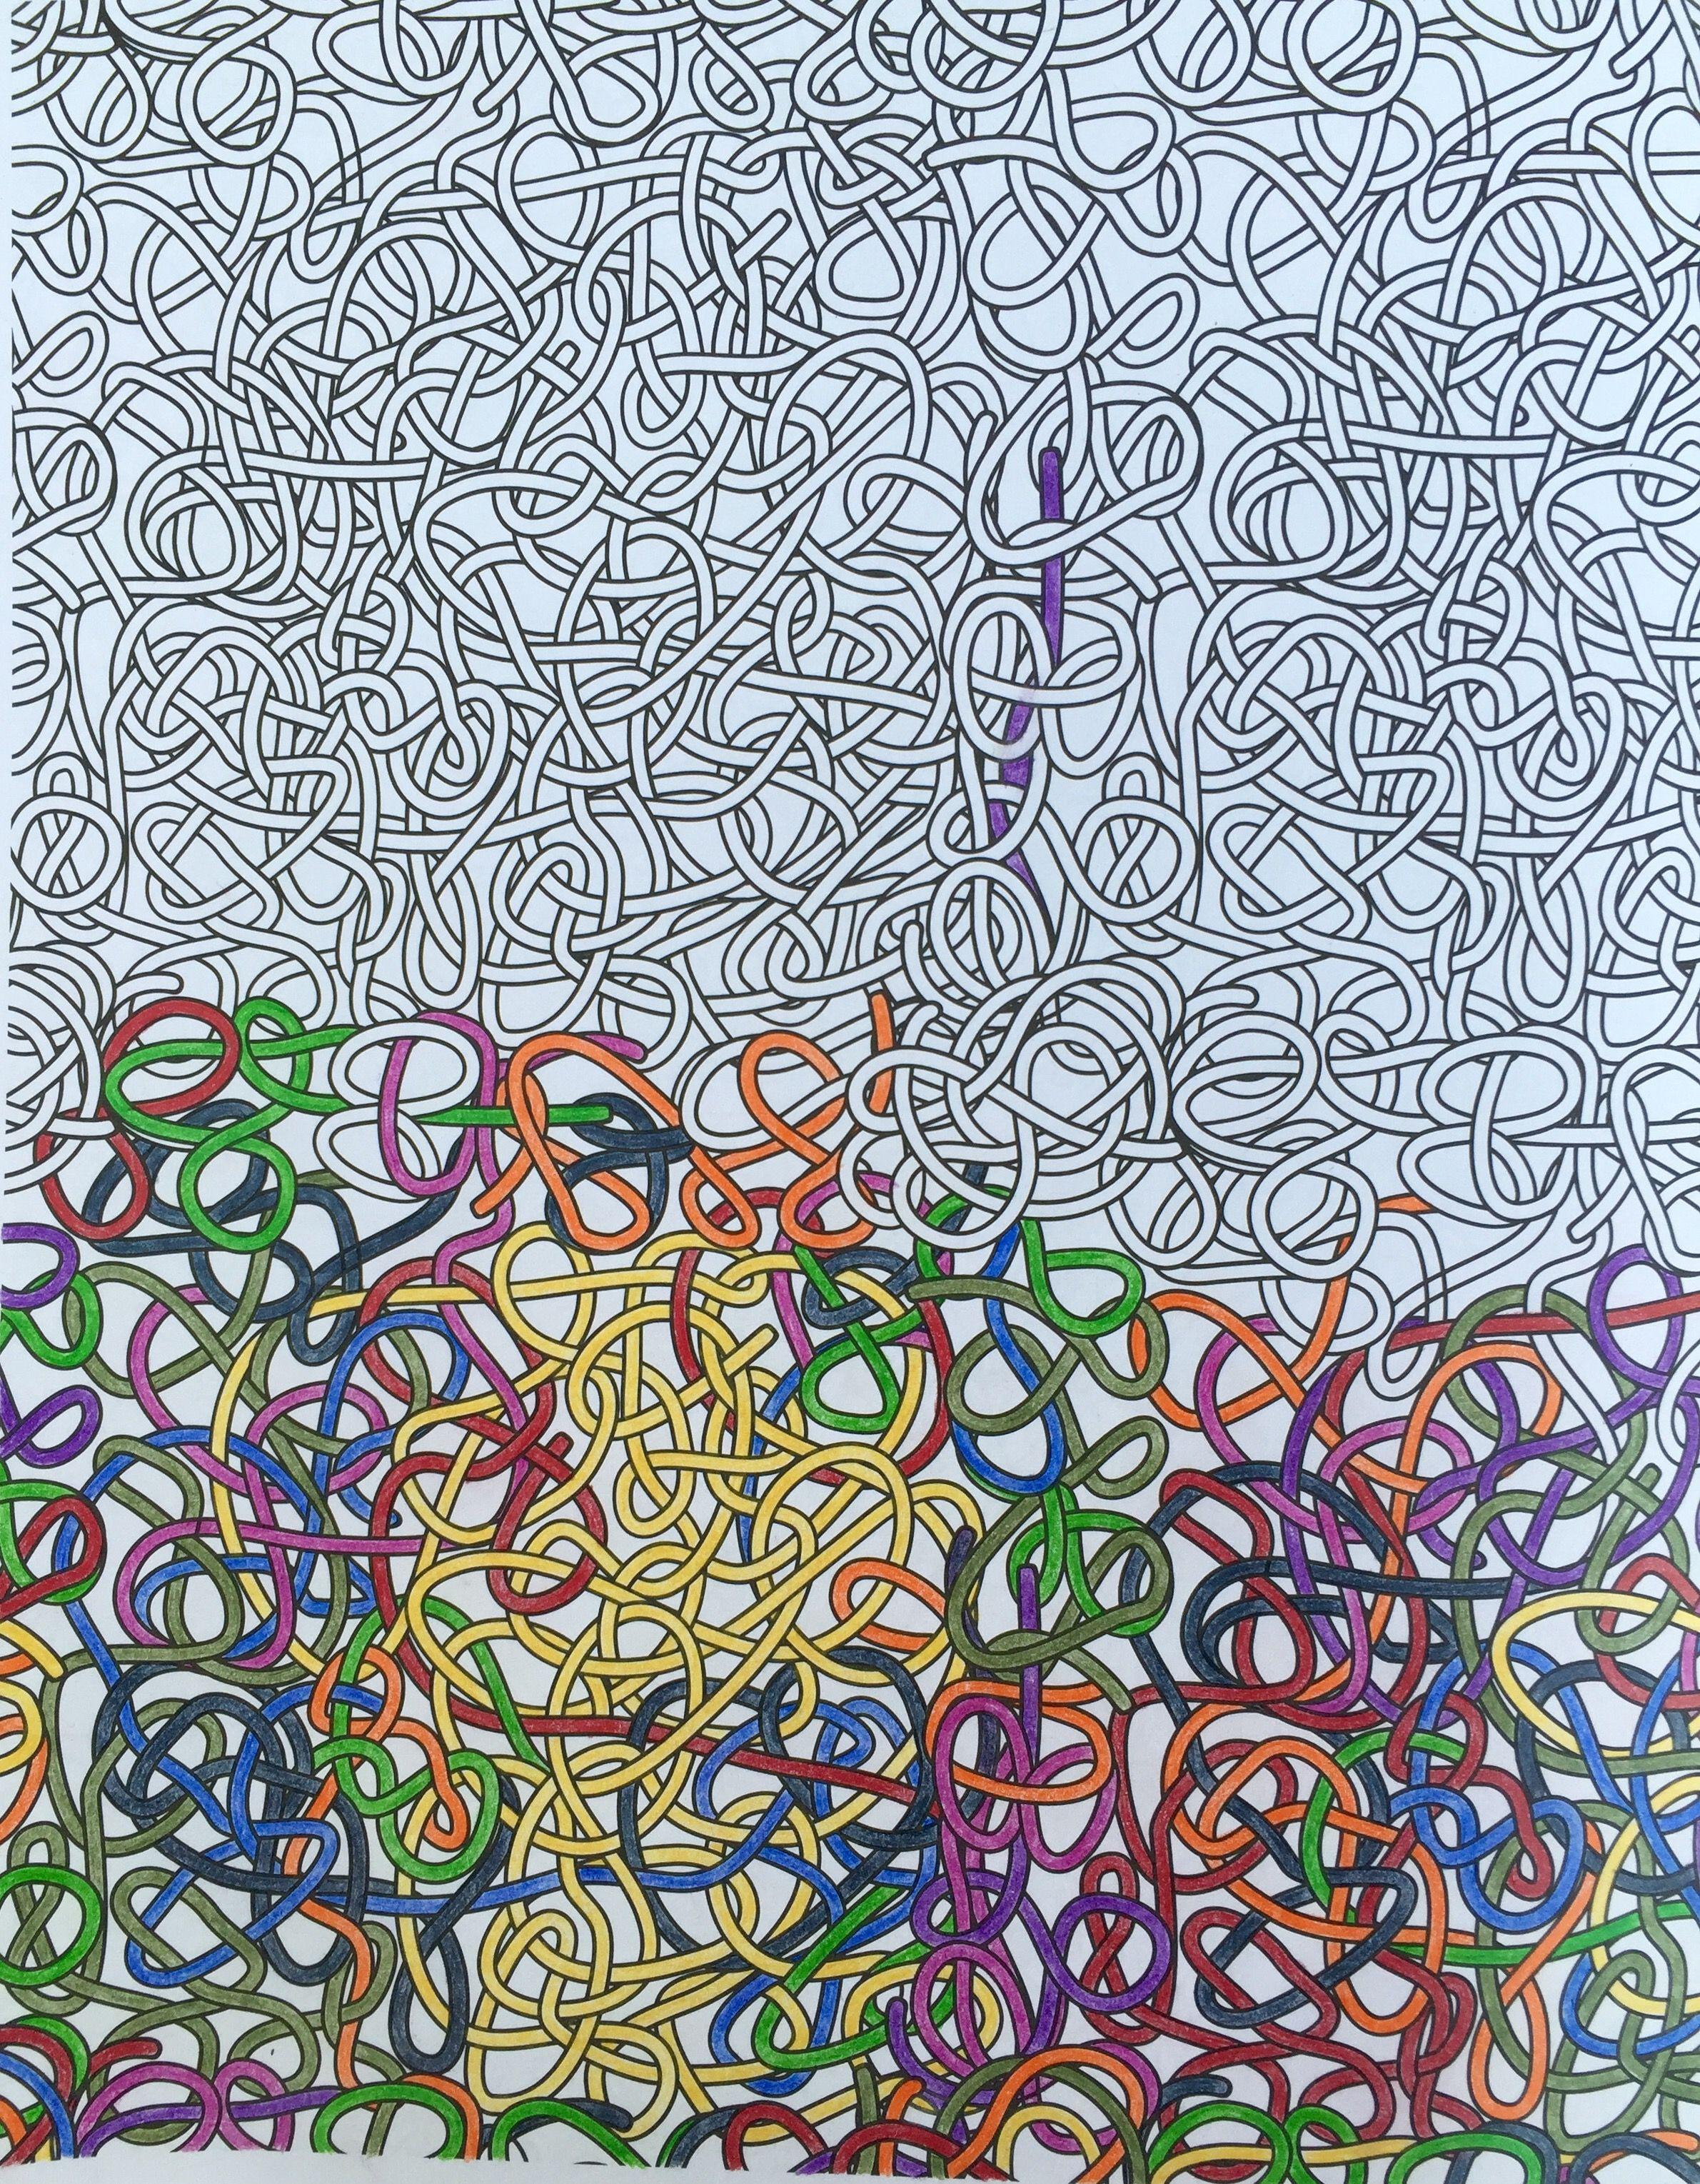 Uit een prachtig kleurboek van Blokker.